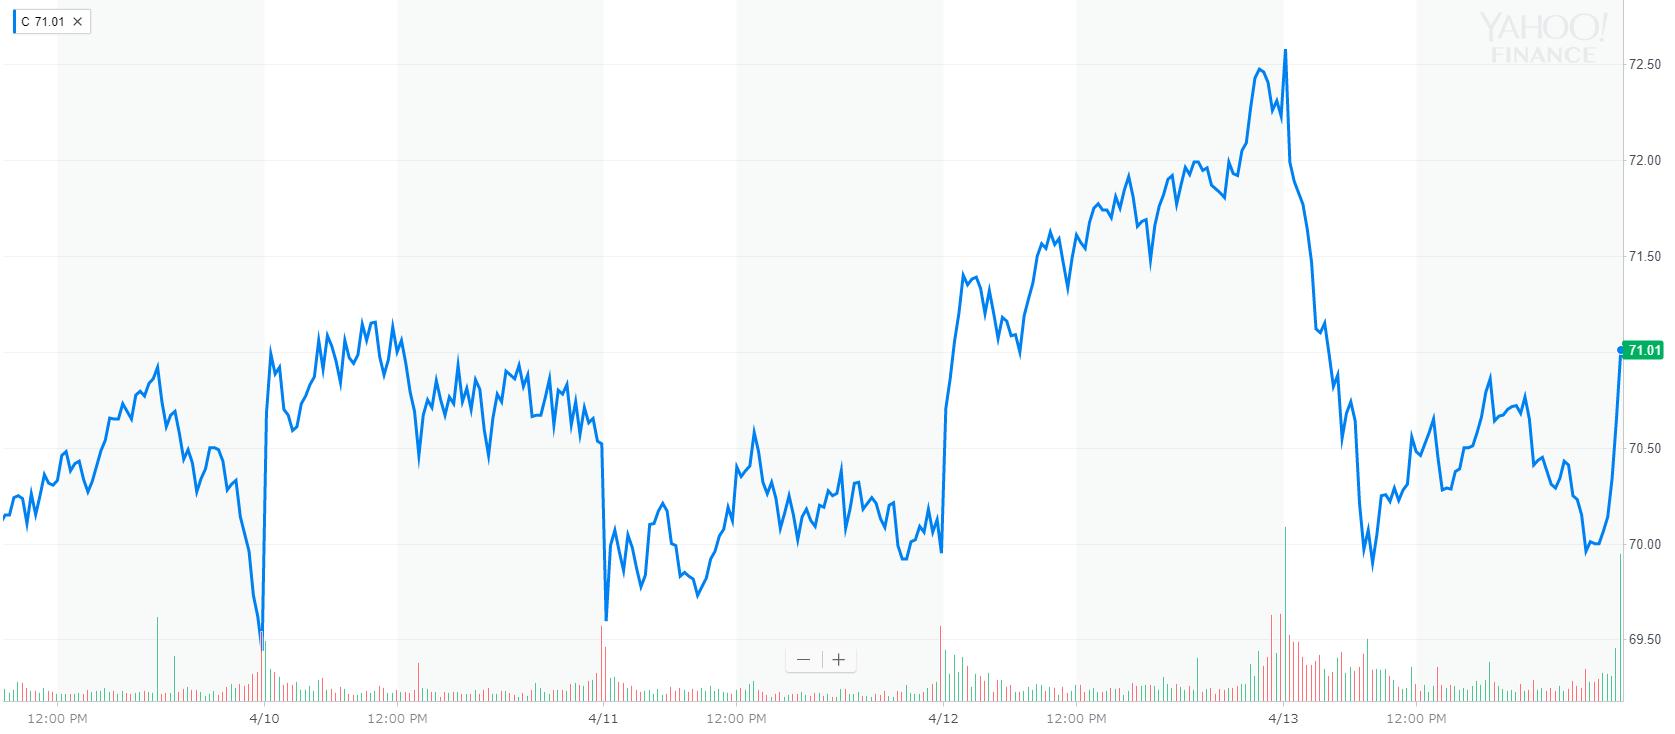 シティ・グループ(Citigroup) 株価